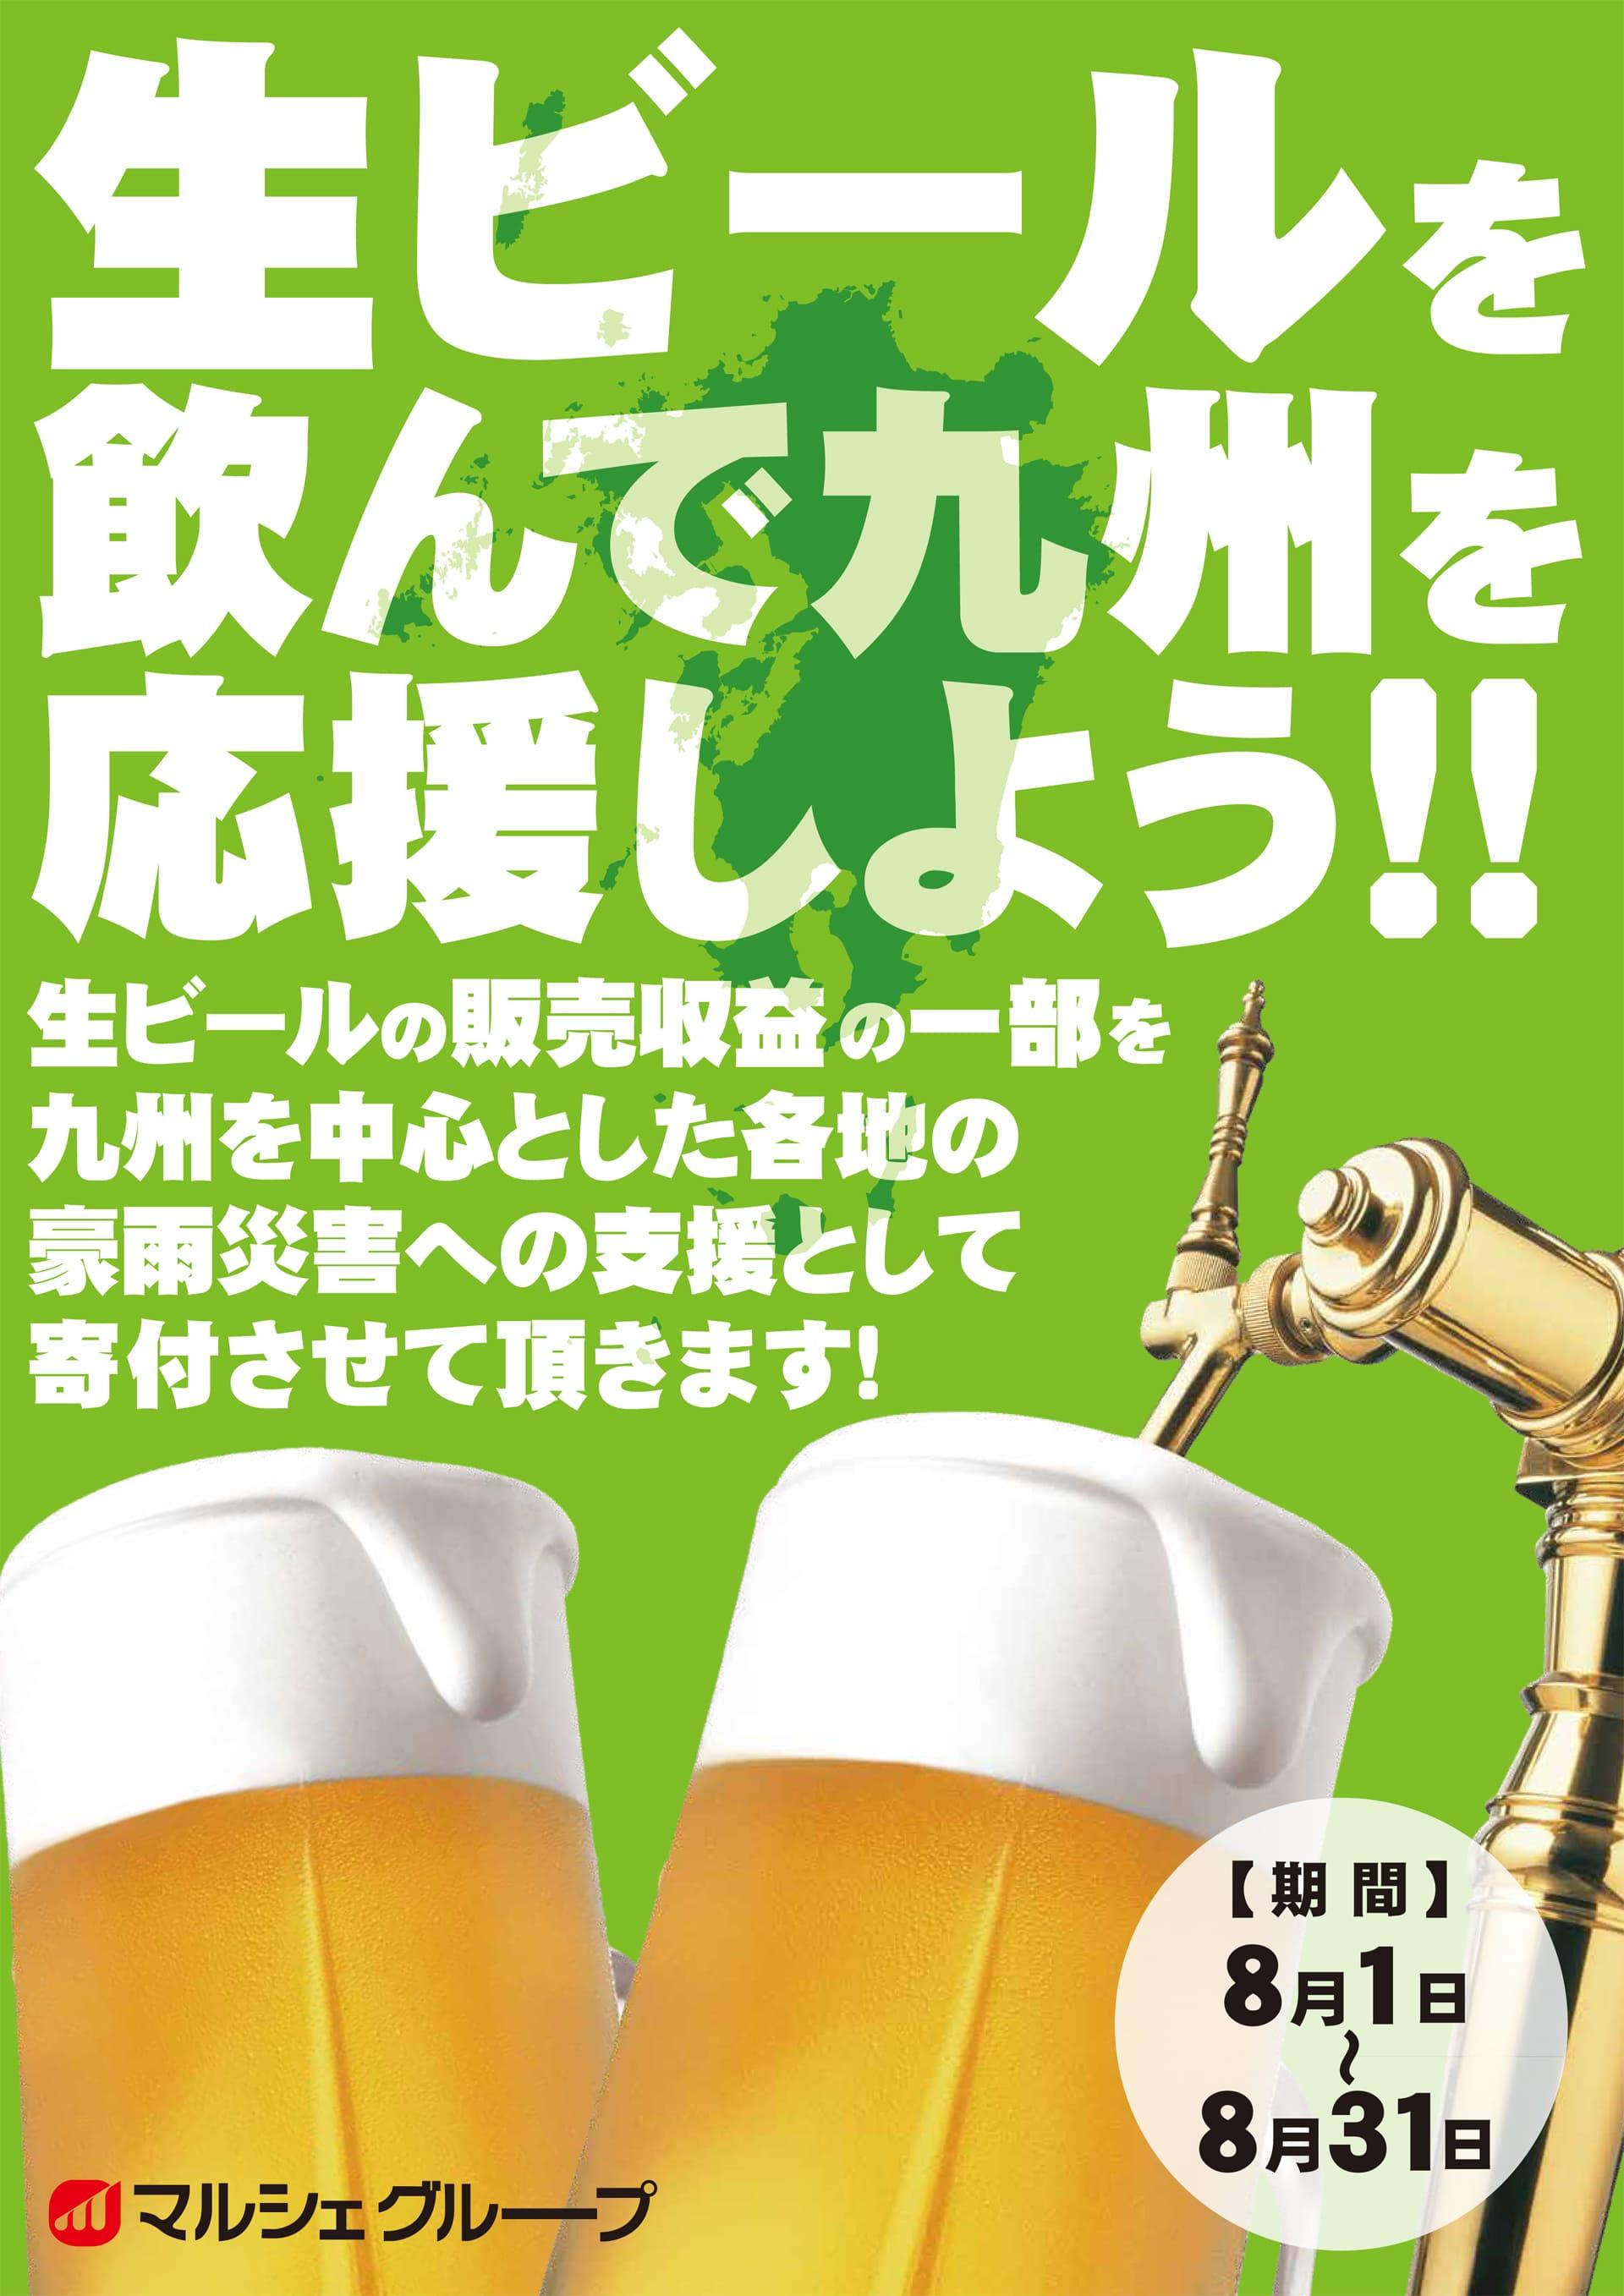 生ビールを飲んで九州を応援しよう!!